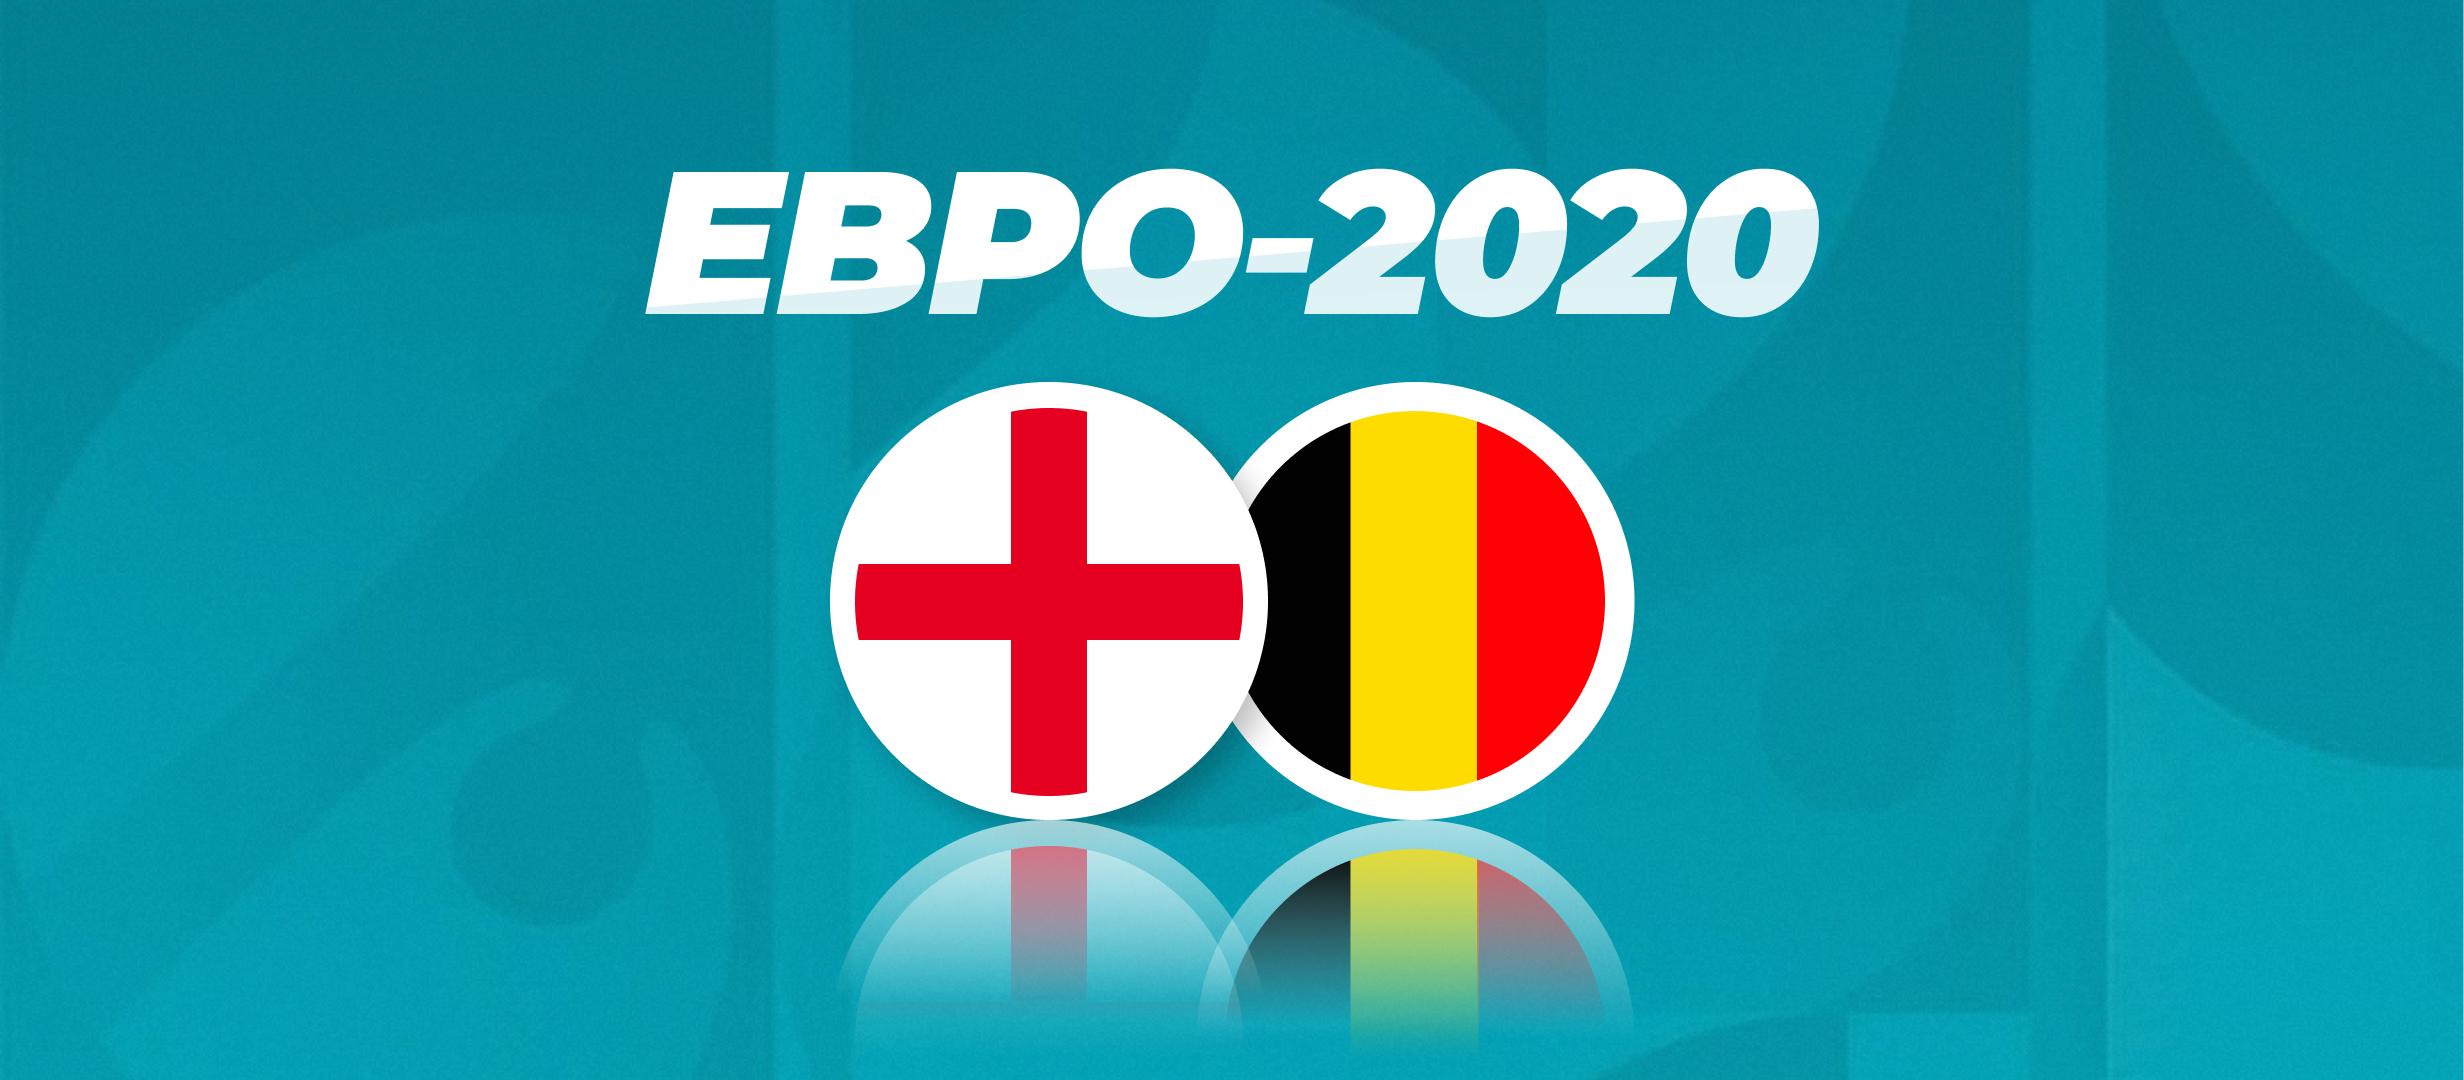 Кто победит на Евро-2020, по мнению букмекеров, Италия или Англия?